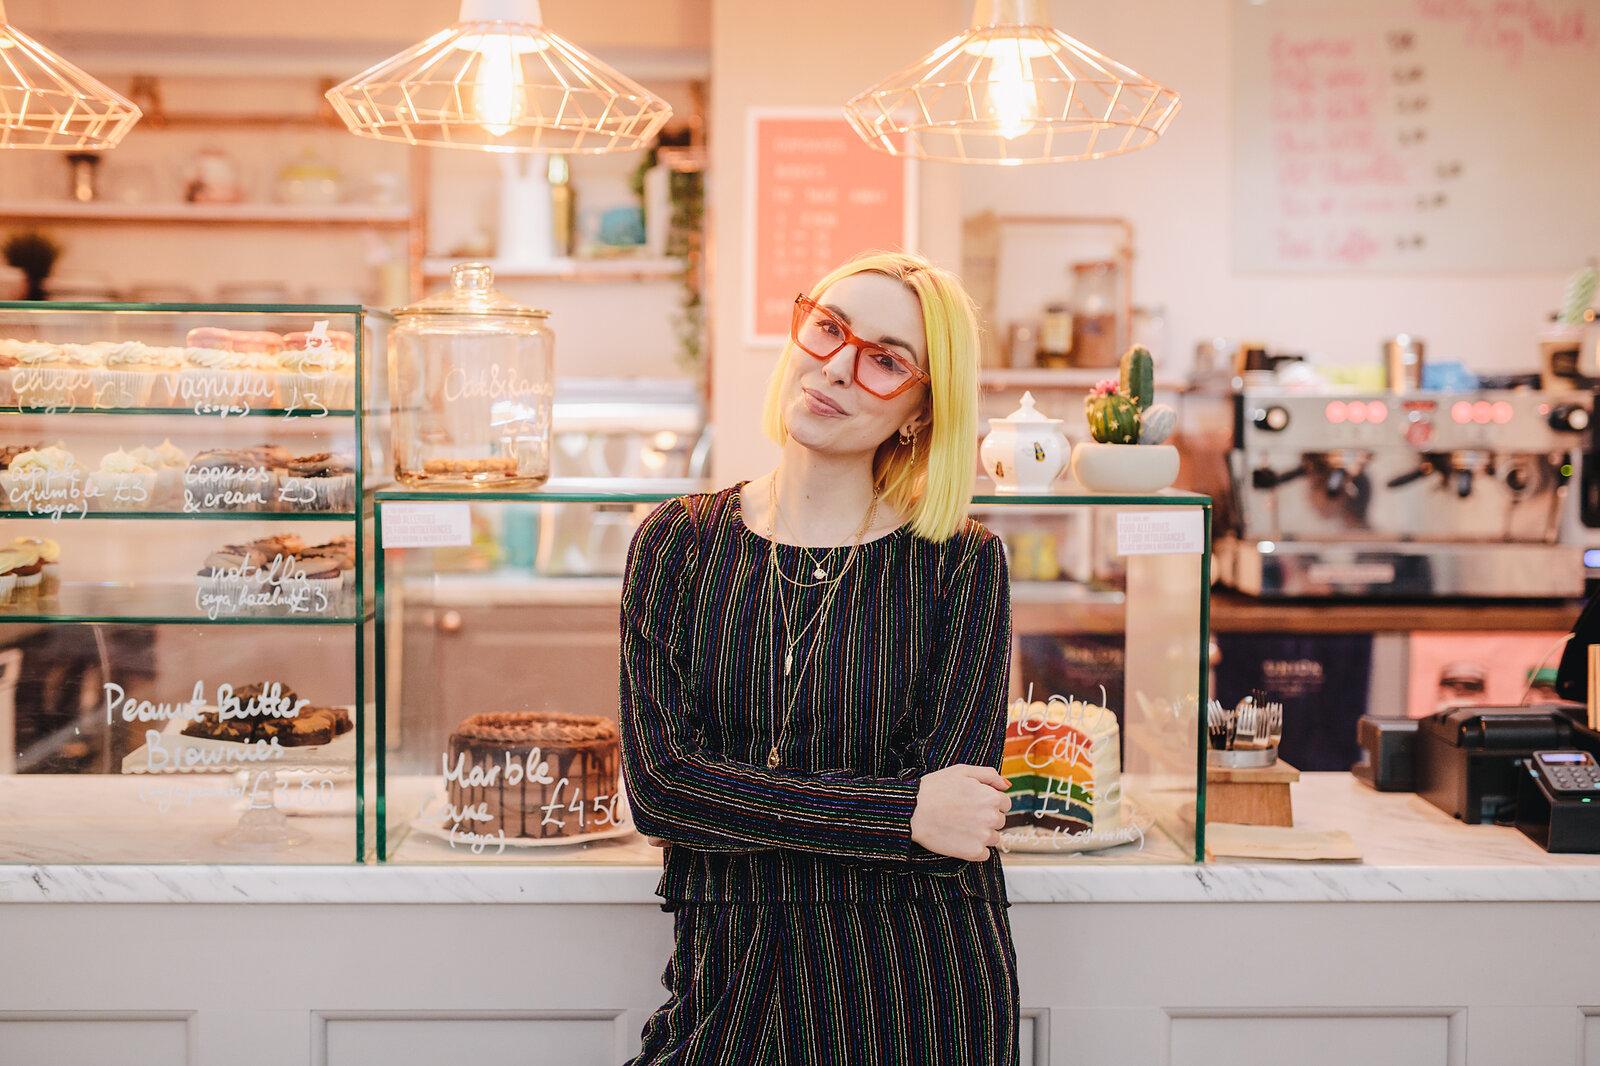 Kitty Cowell x Vida Bakery